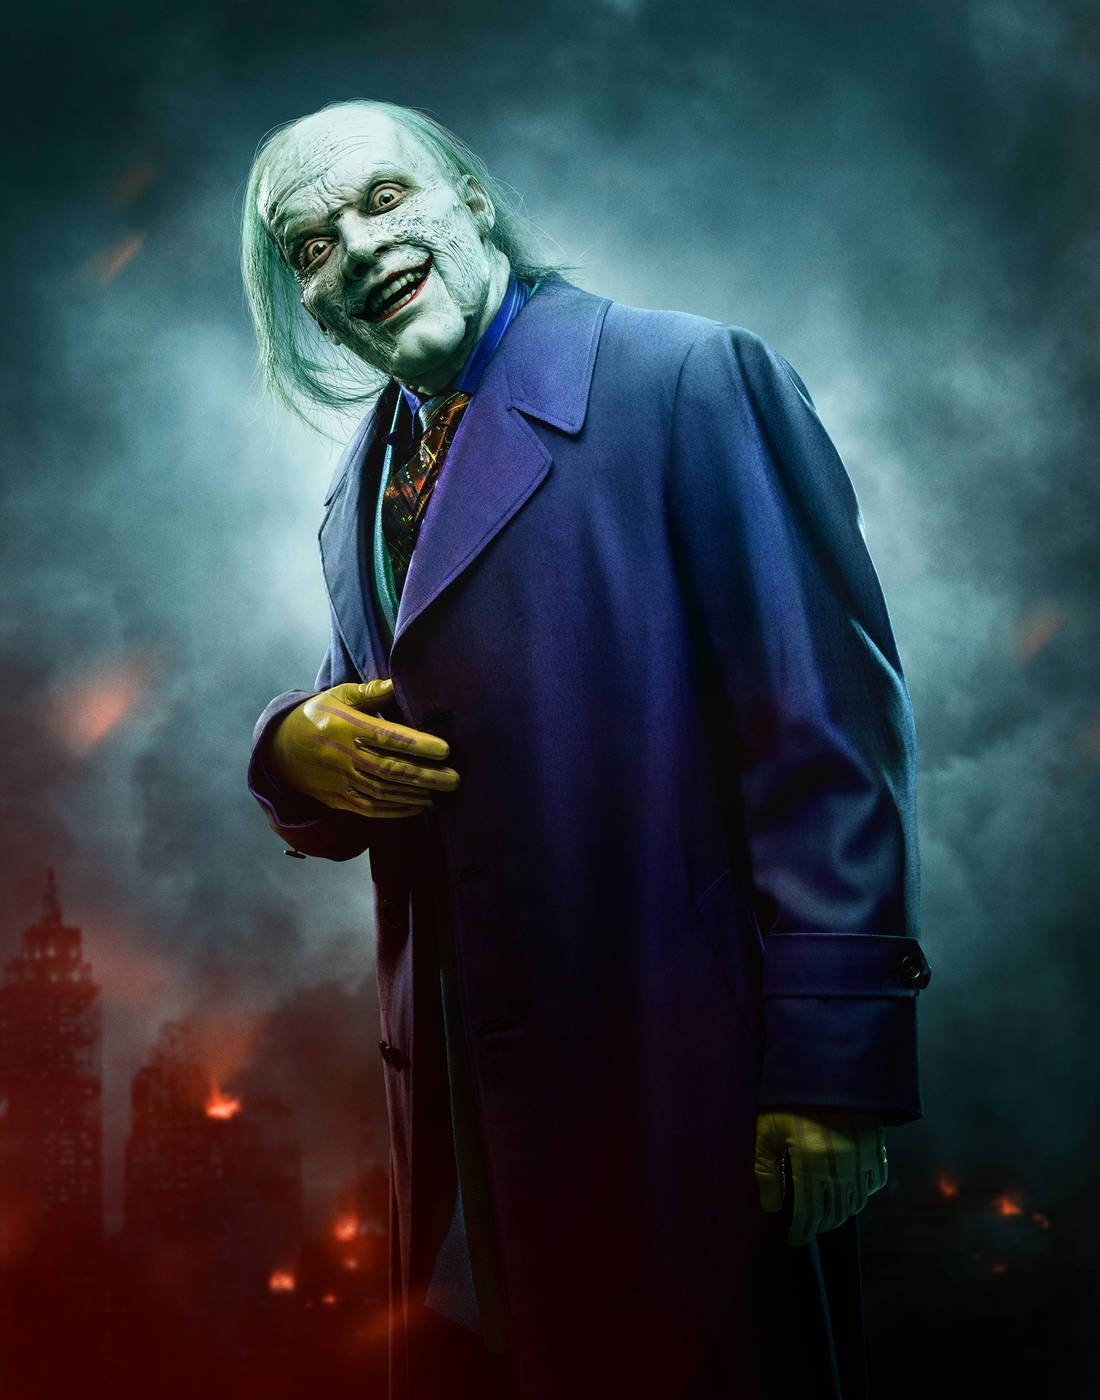 Джокера официально представили в 5 сезоне «Готэма»